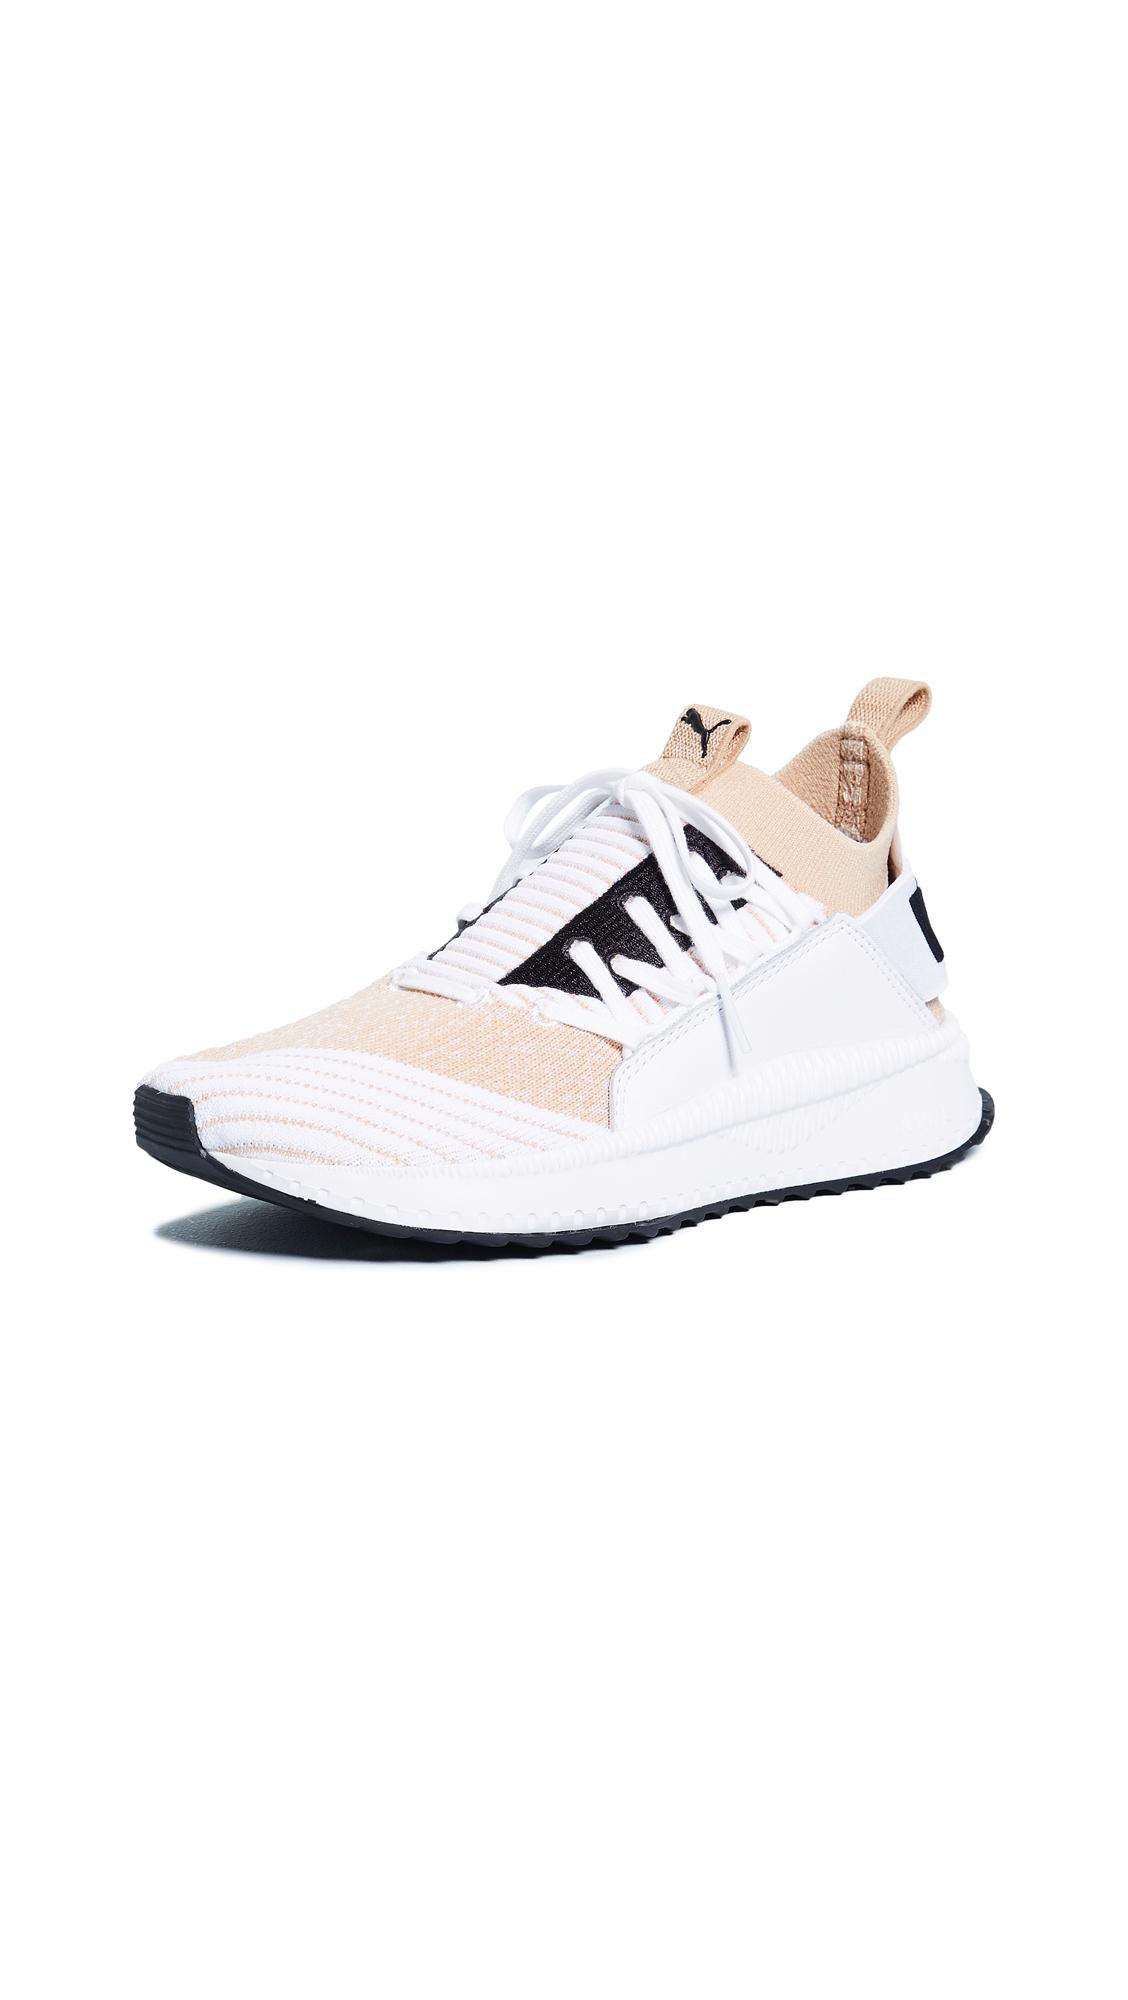 PUMA TSUGI Jun Sneakers - Pebble/Puma White/Puma White